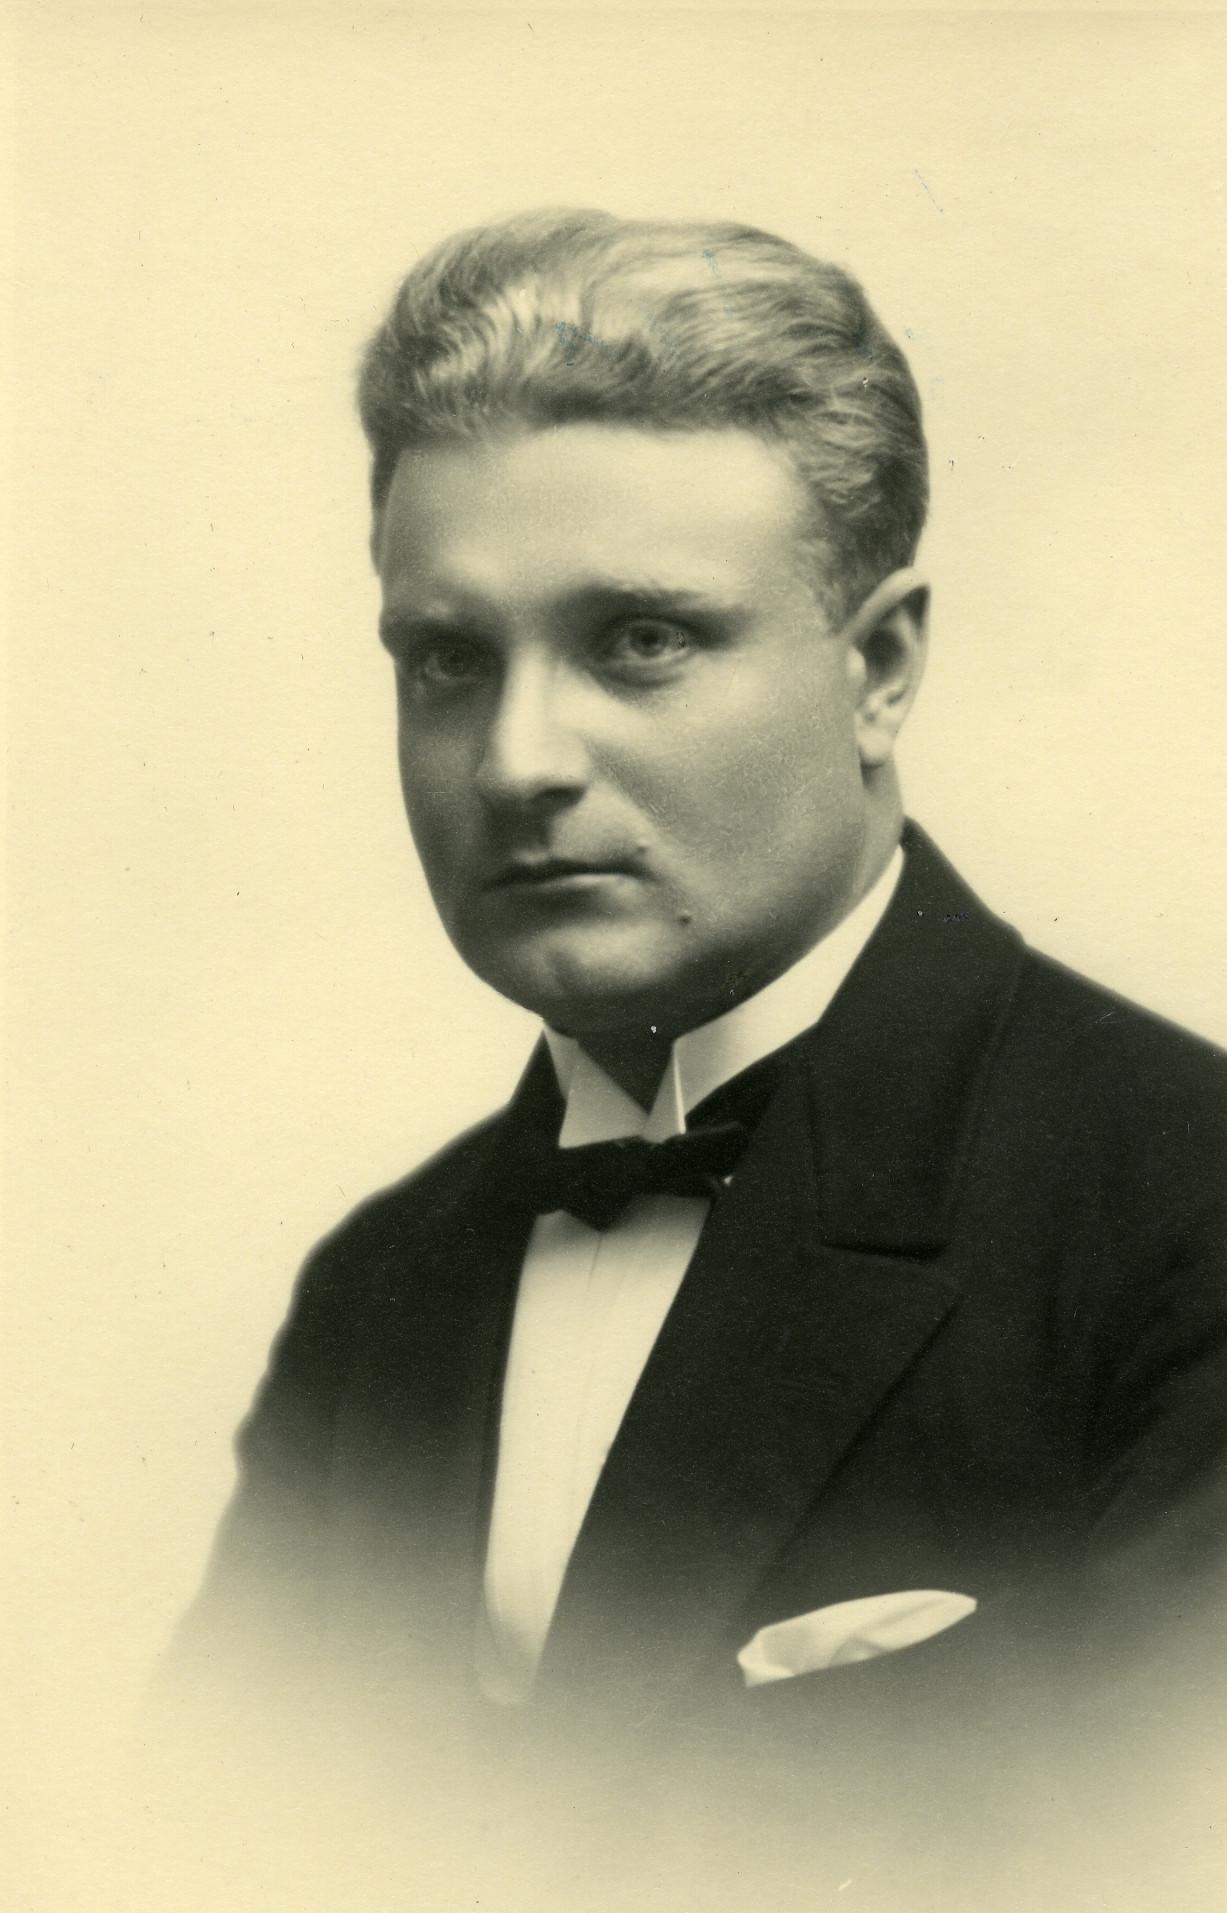 August Jakobson